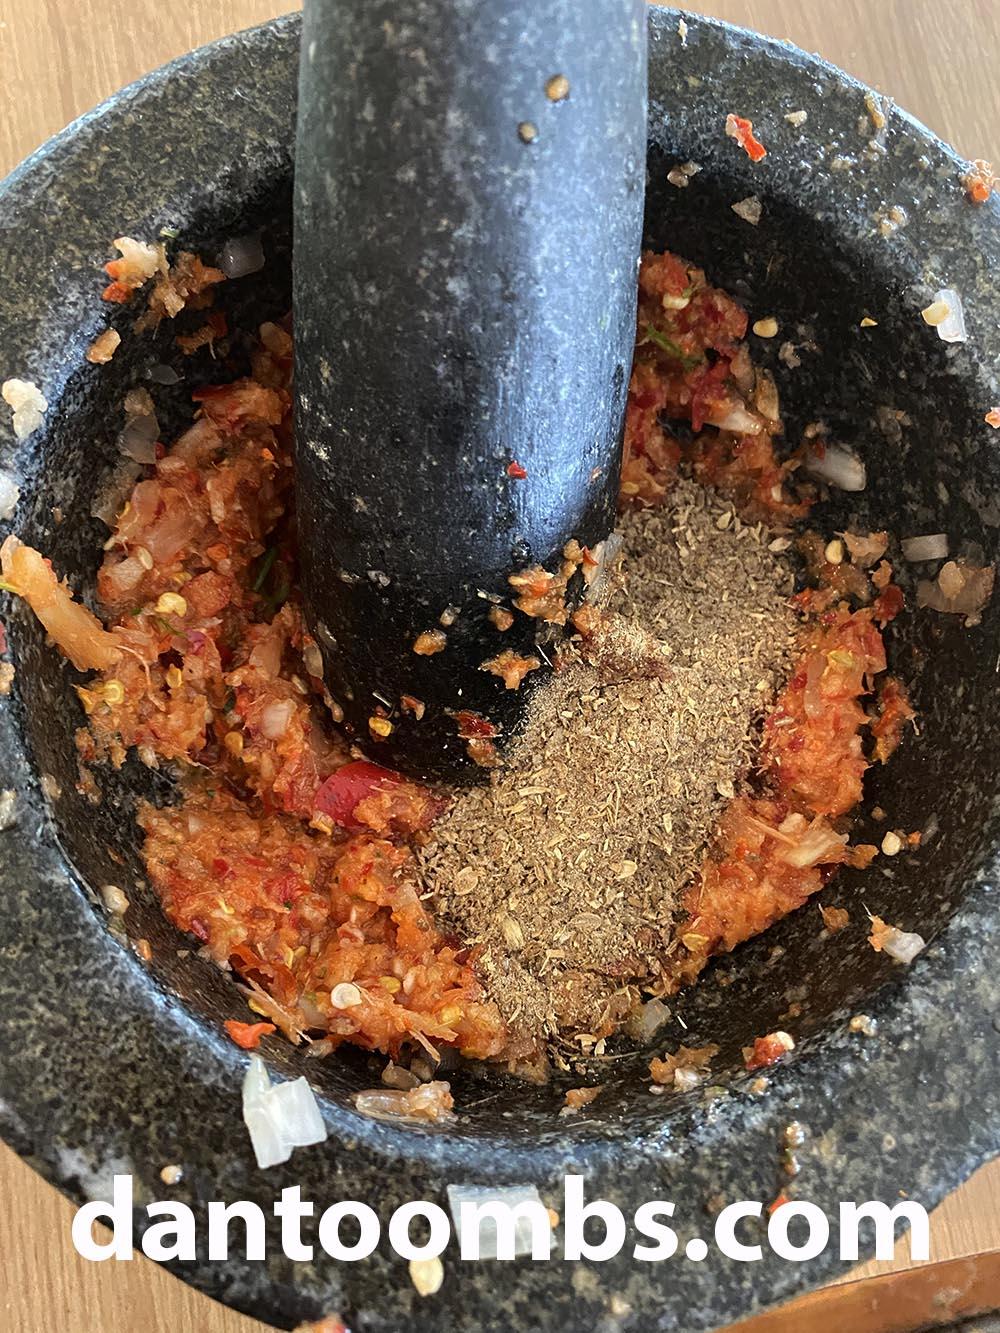 Stirring in ground spices